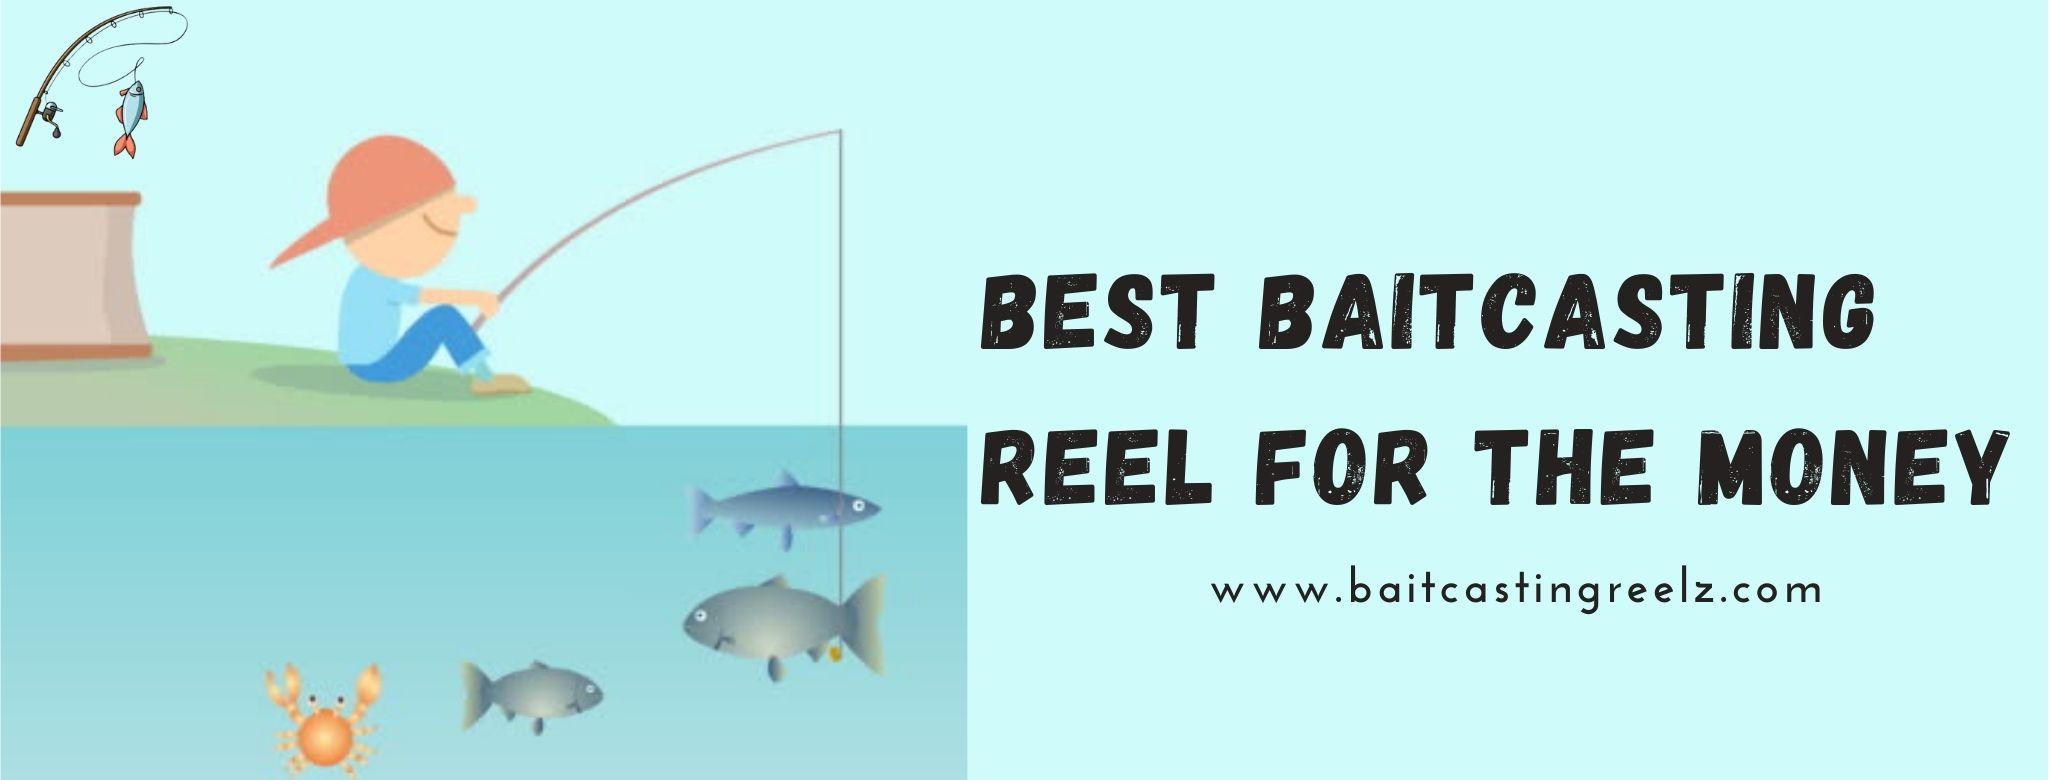 best baitcasting reel for the money